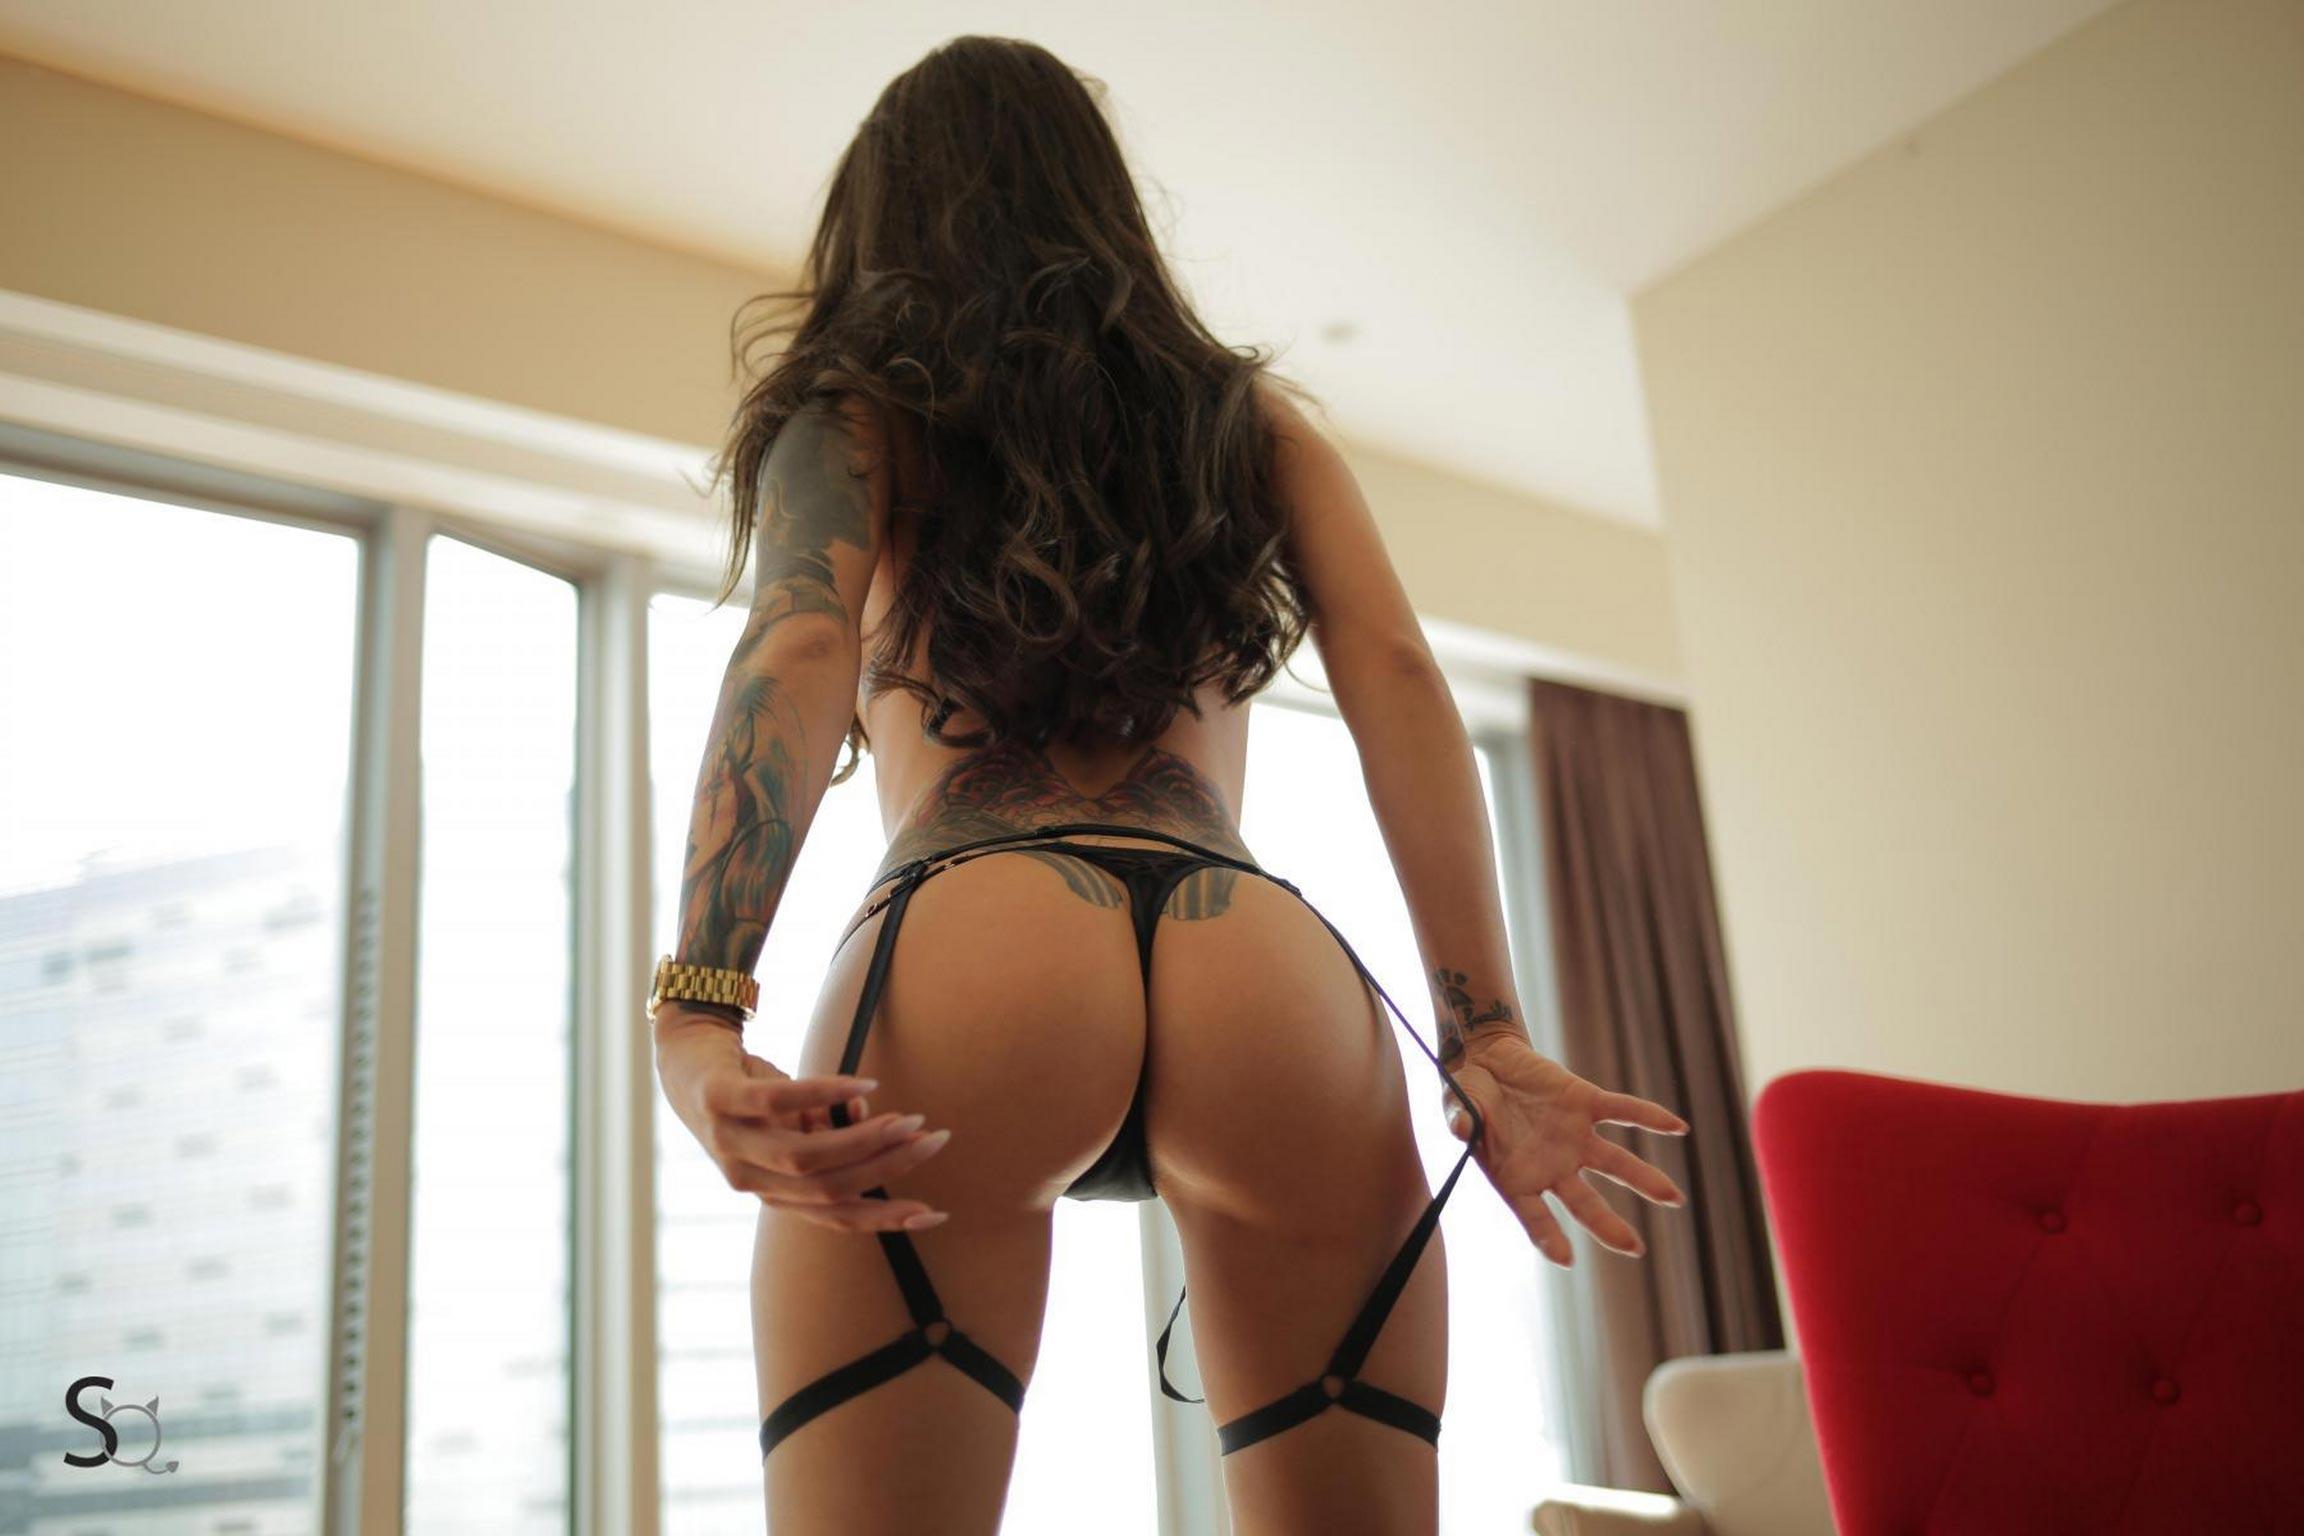 MeganQ showing her butt in just her suspenders-StasyQ